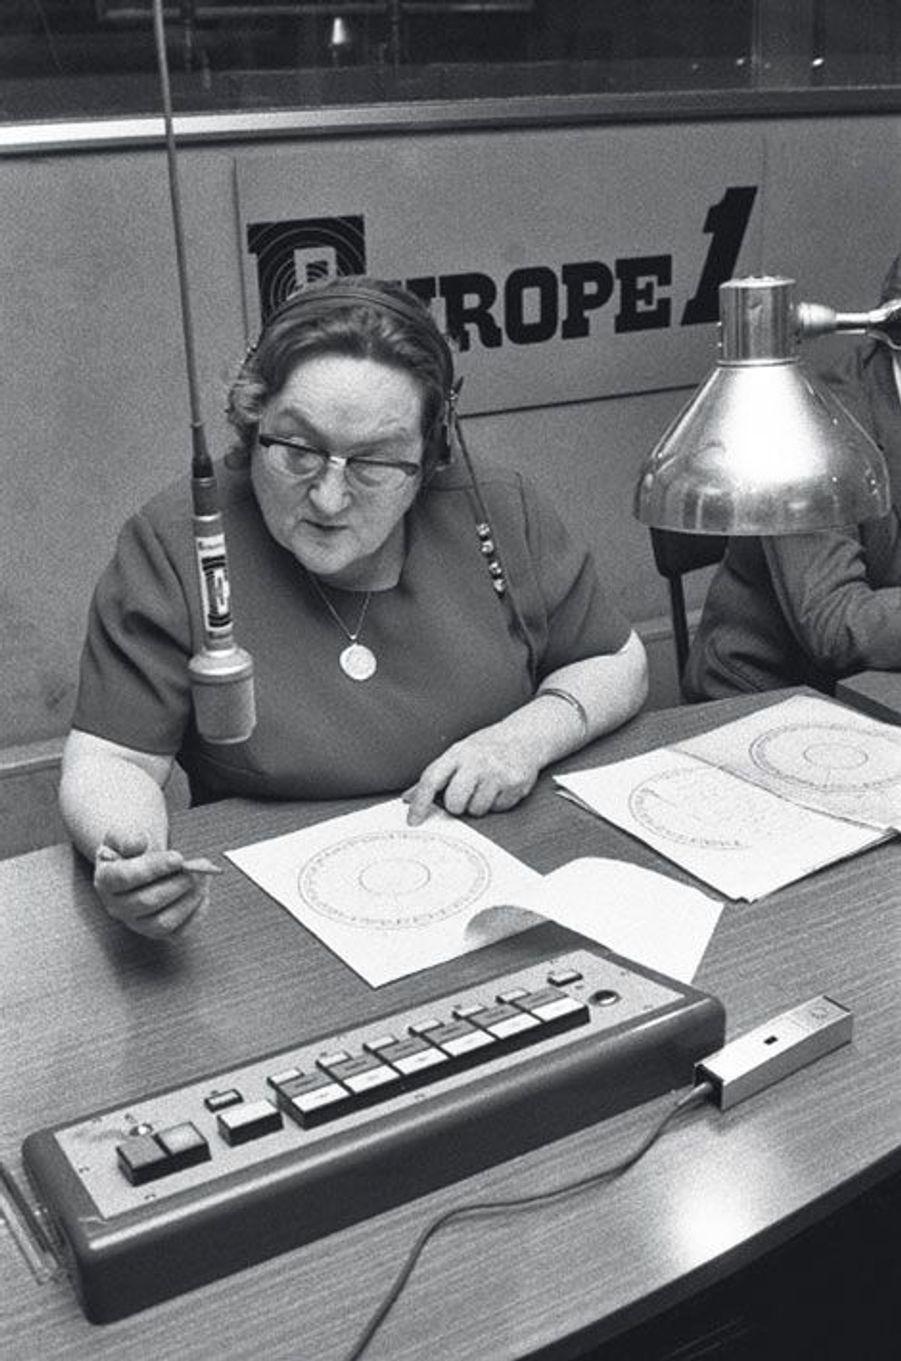 Madame Soleil, l'astrologue la plus écoutée de France, de 1970 à 1993.